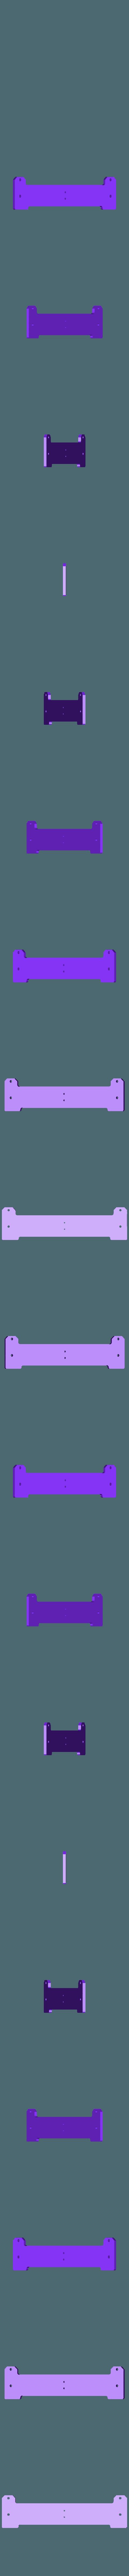 Posterior_base_larga.stl Télécharger fichier STL gratuit Amélioration du lit pour Prusa i3 • Plan imprimable en 3D, BQ_3D